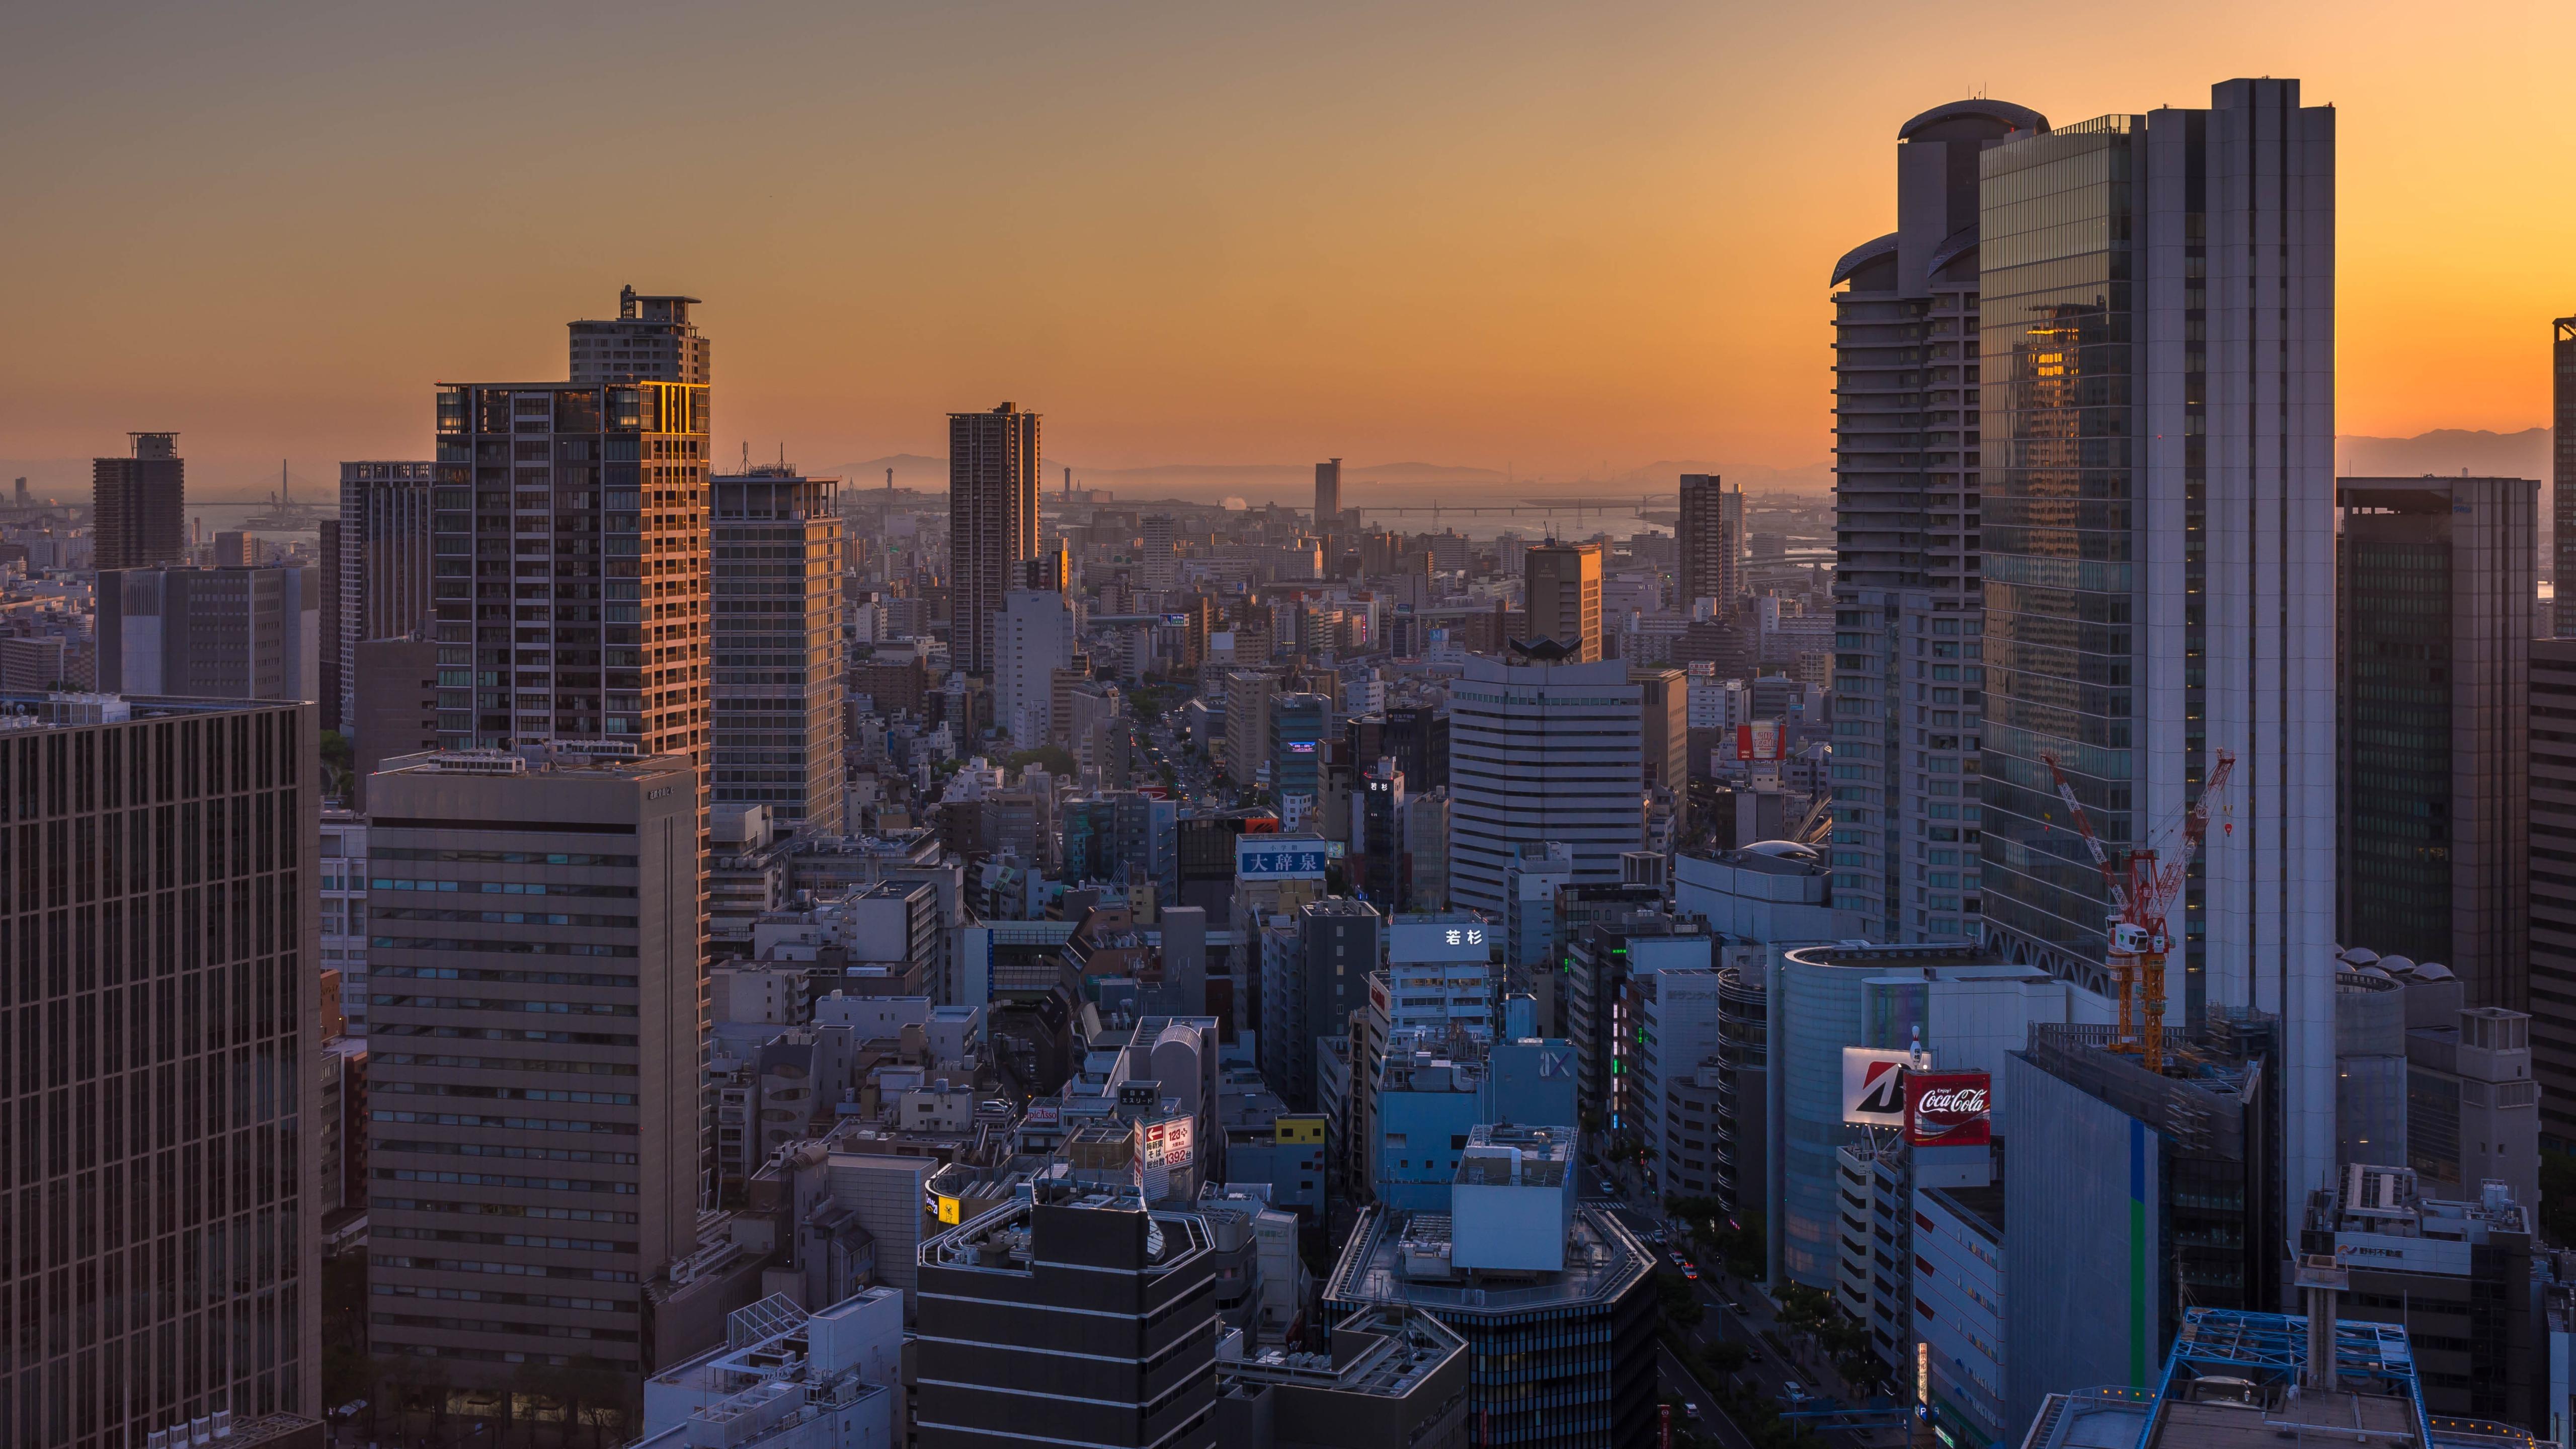 Osaka in the Morning wallpaper